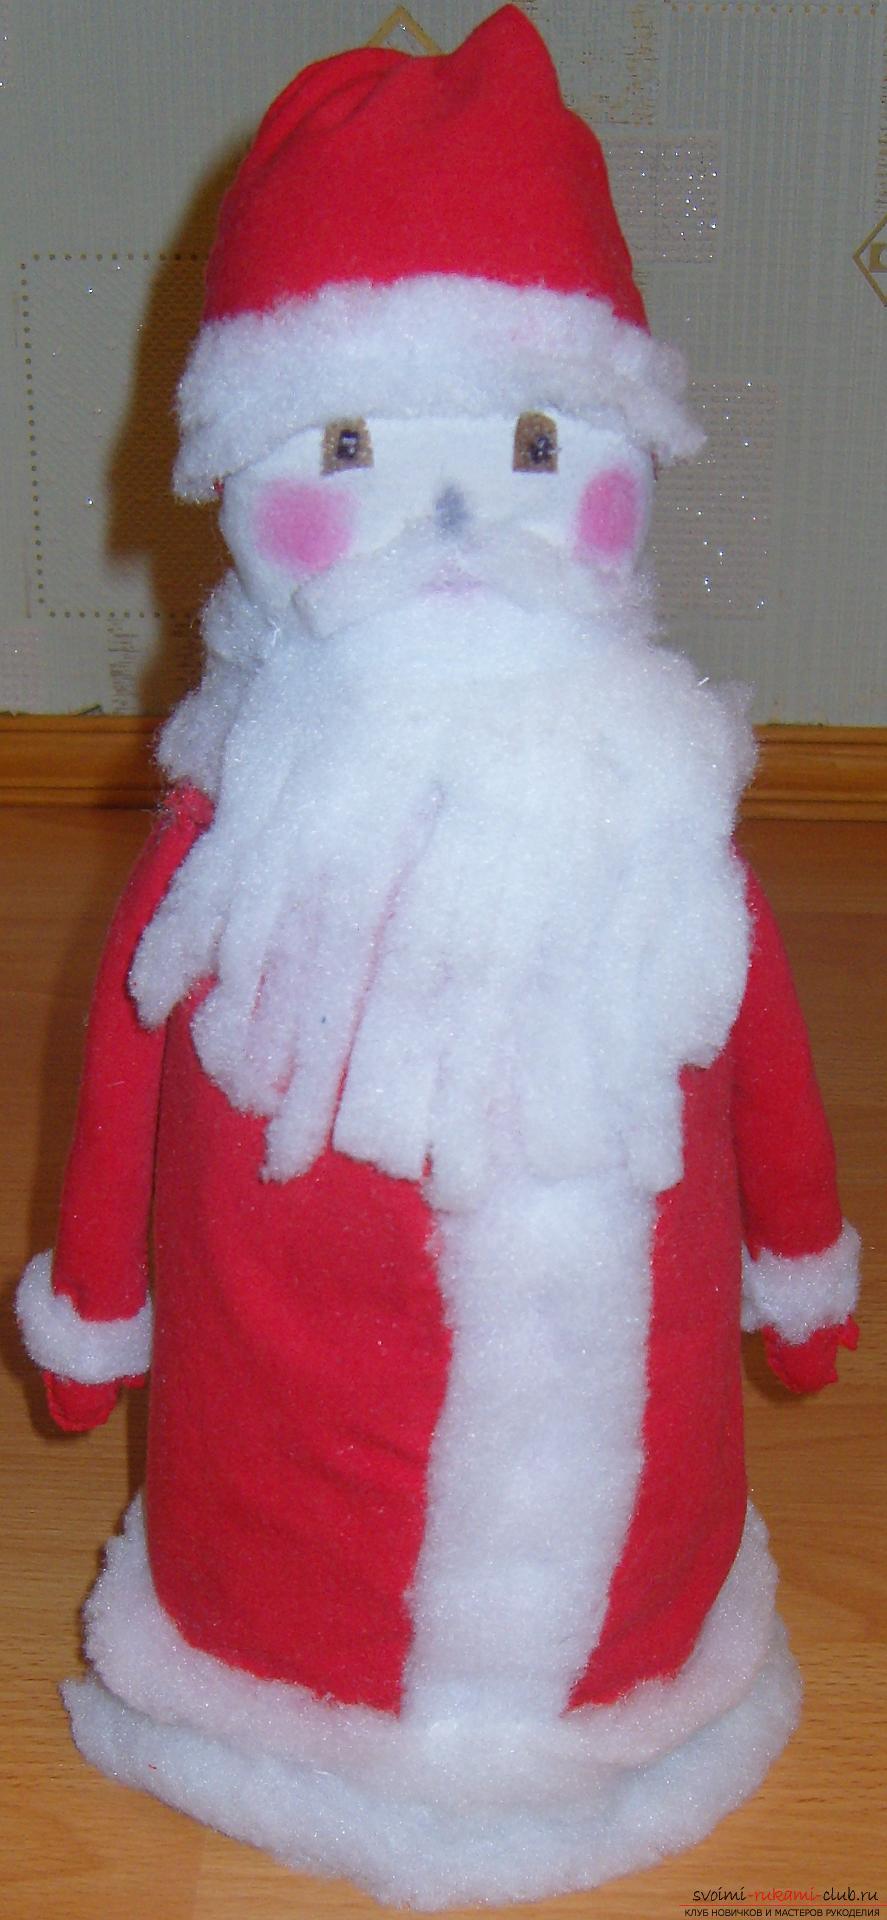 Новогодние поделки своими руками, Дед Мороз своими руками, как сделать Деда Мороза, поделки вместе с детьми, идеи и подробные уроки.. Фото №32